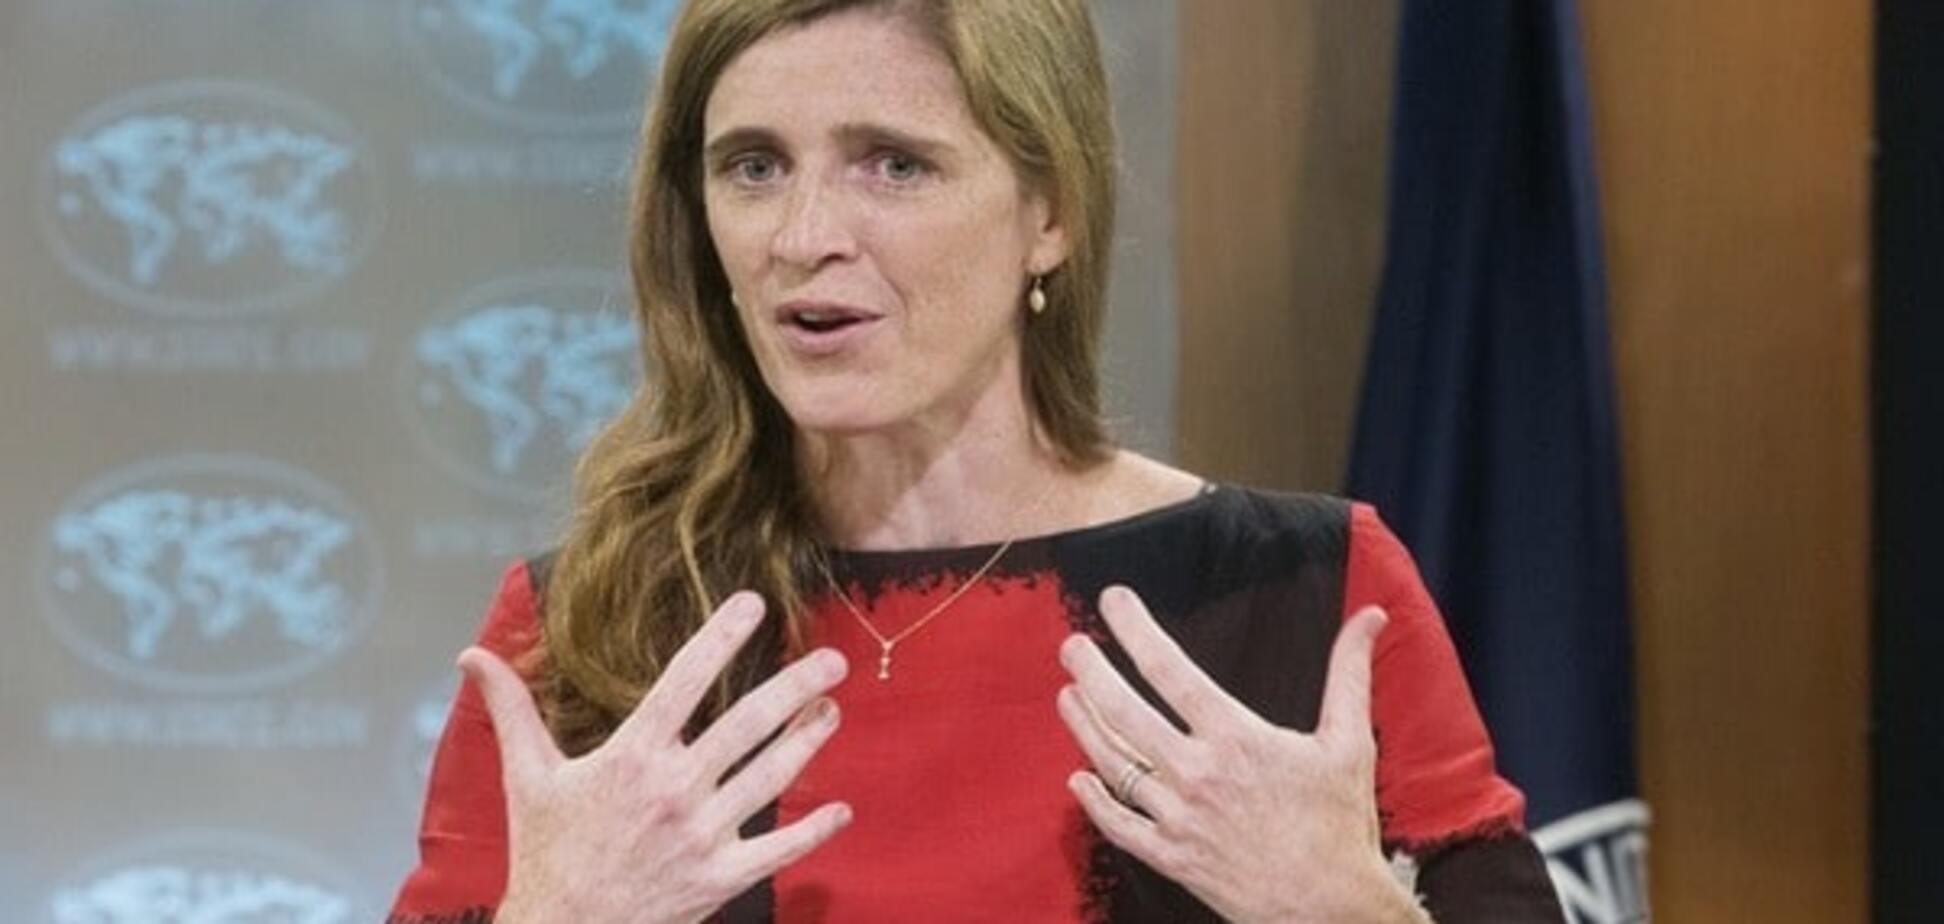 Больно, но нужно: Пауэр объяснила 'целебный' эффект санкций против России